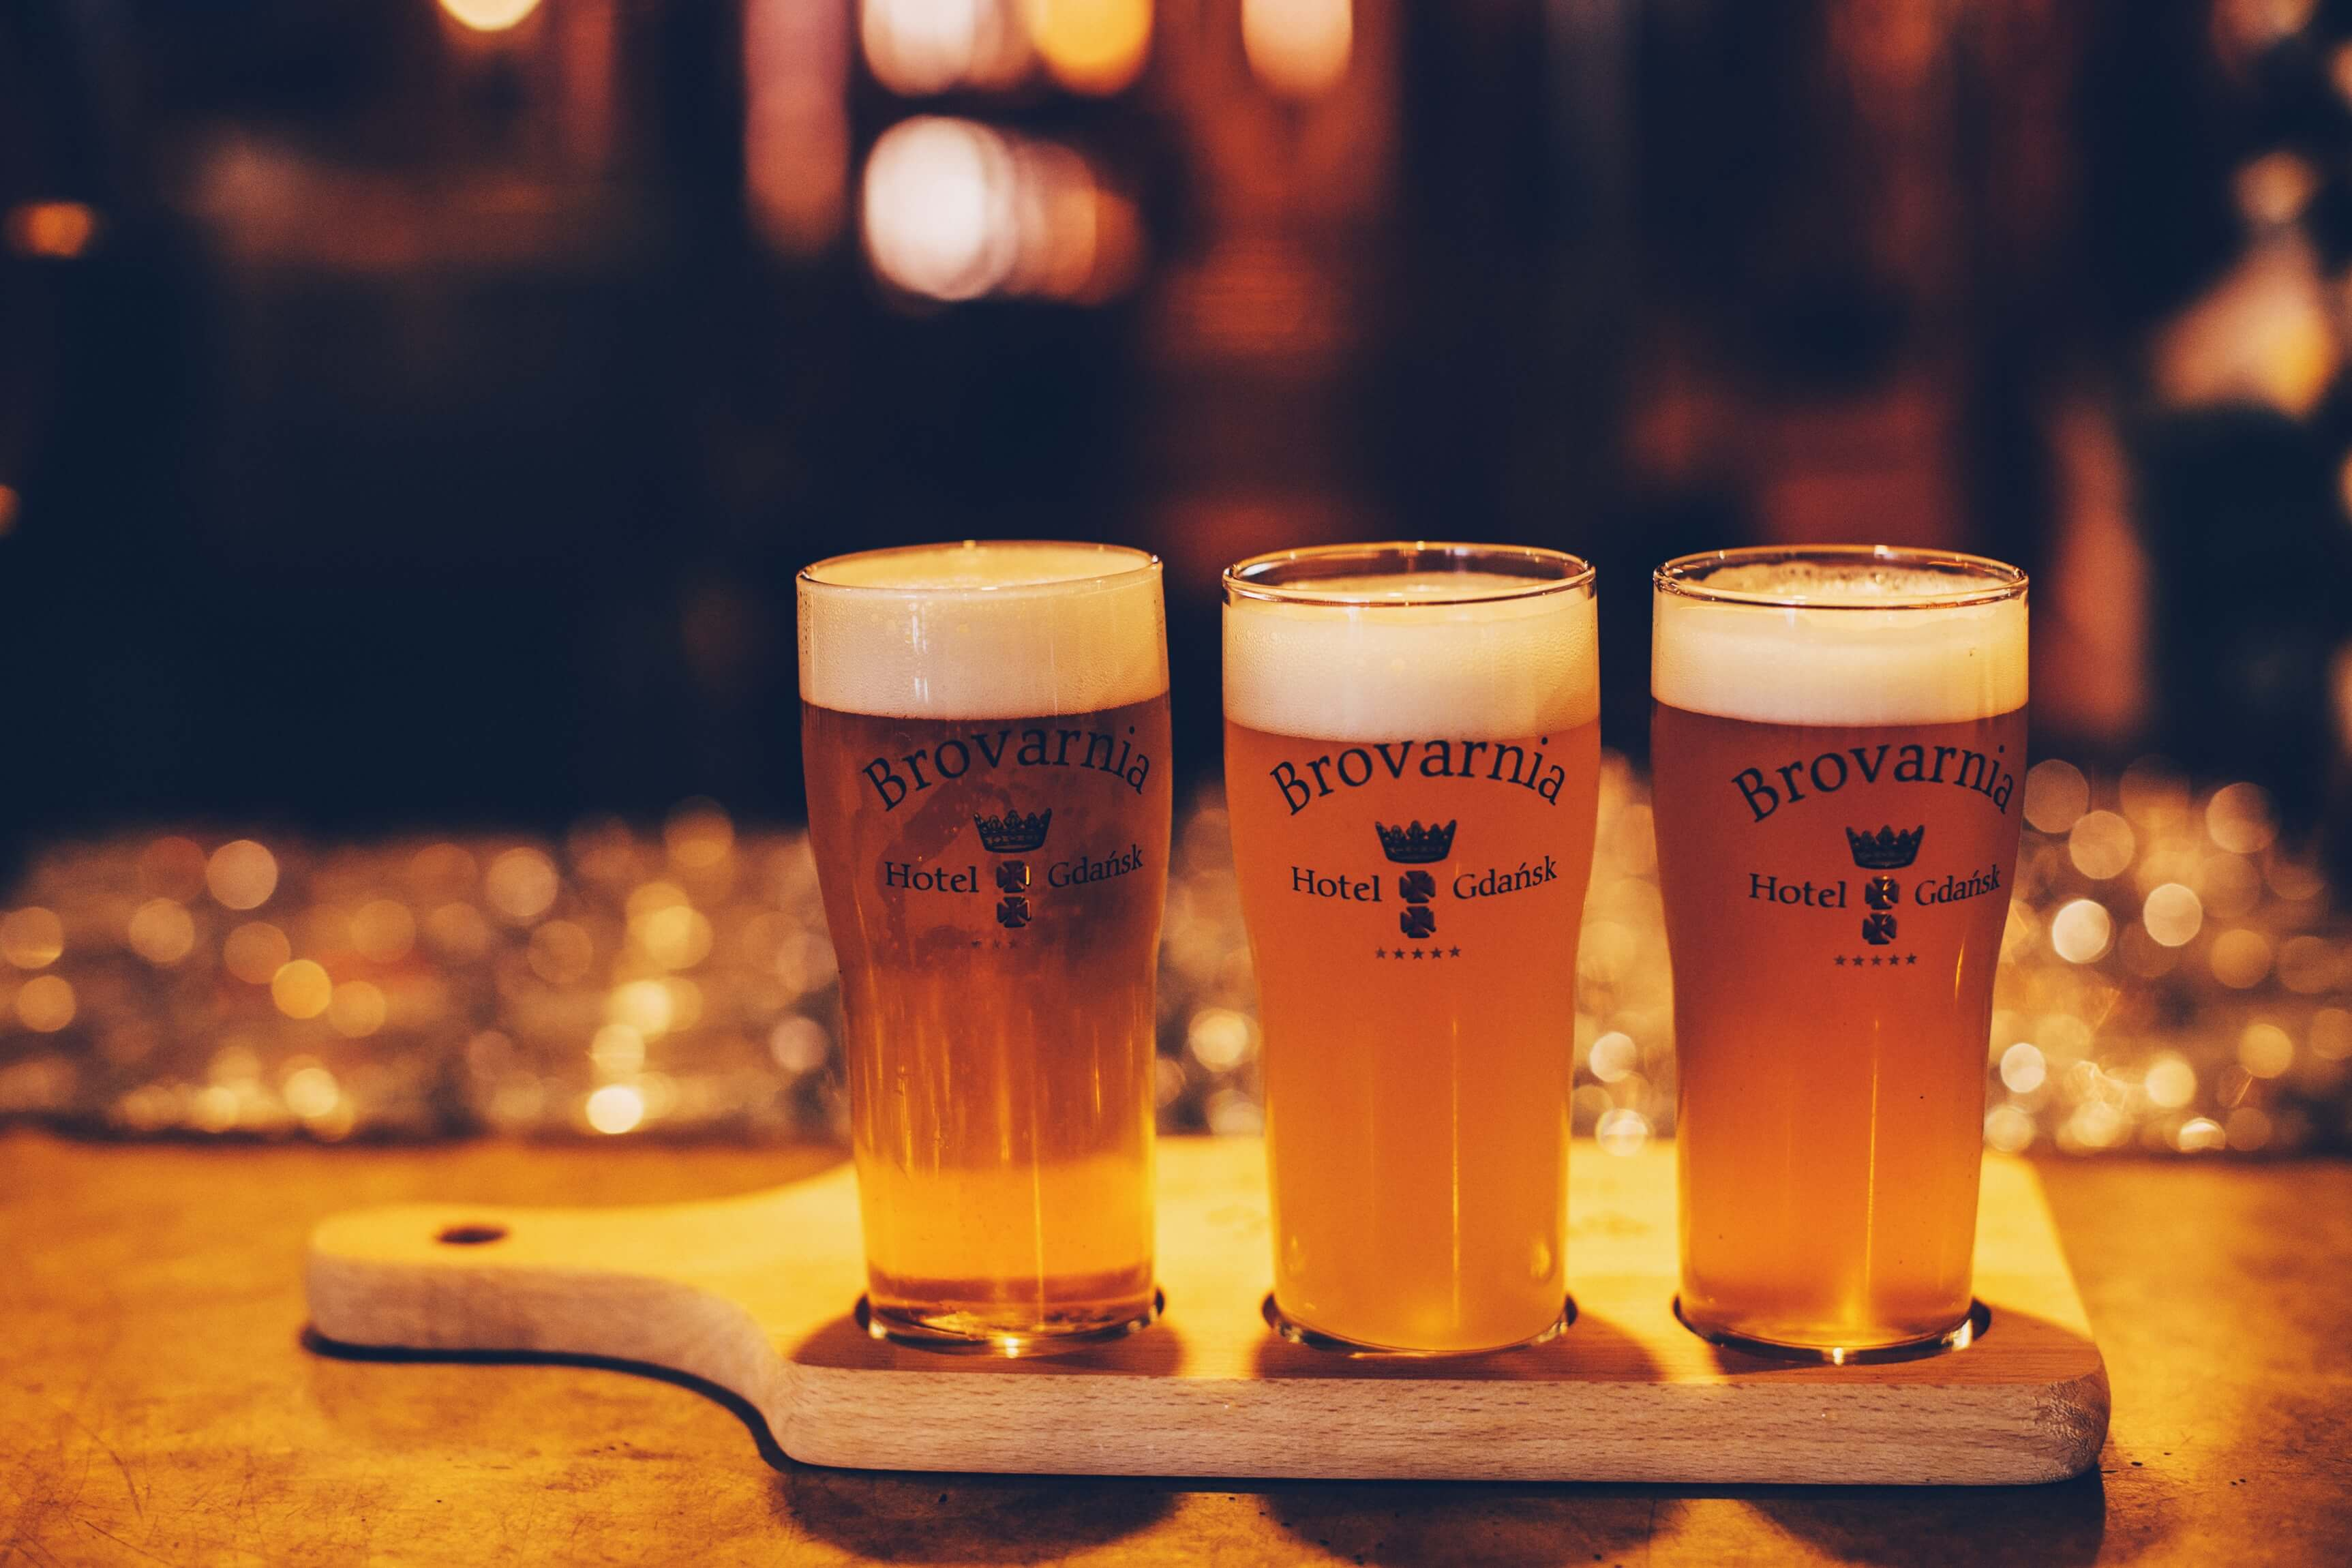 Beer in Brovarnia Gdańsk restaurant in Gdańsk